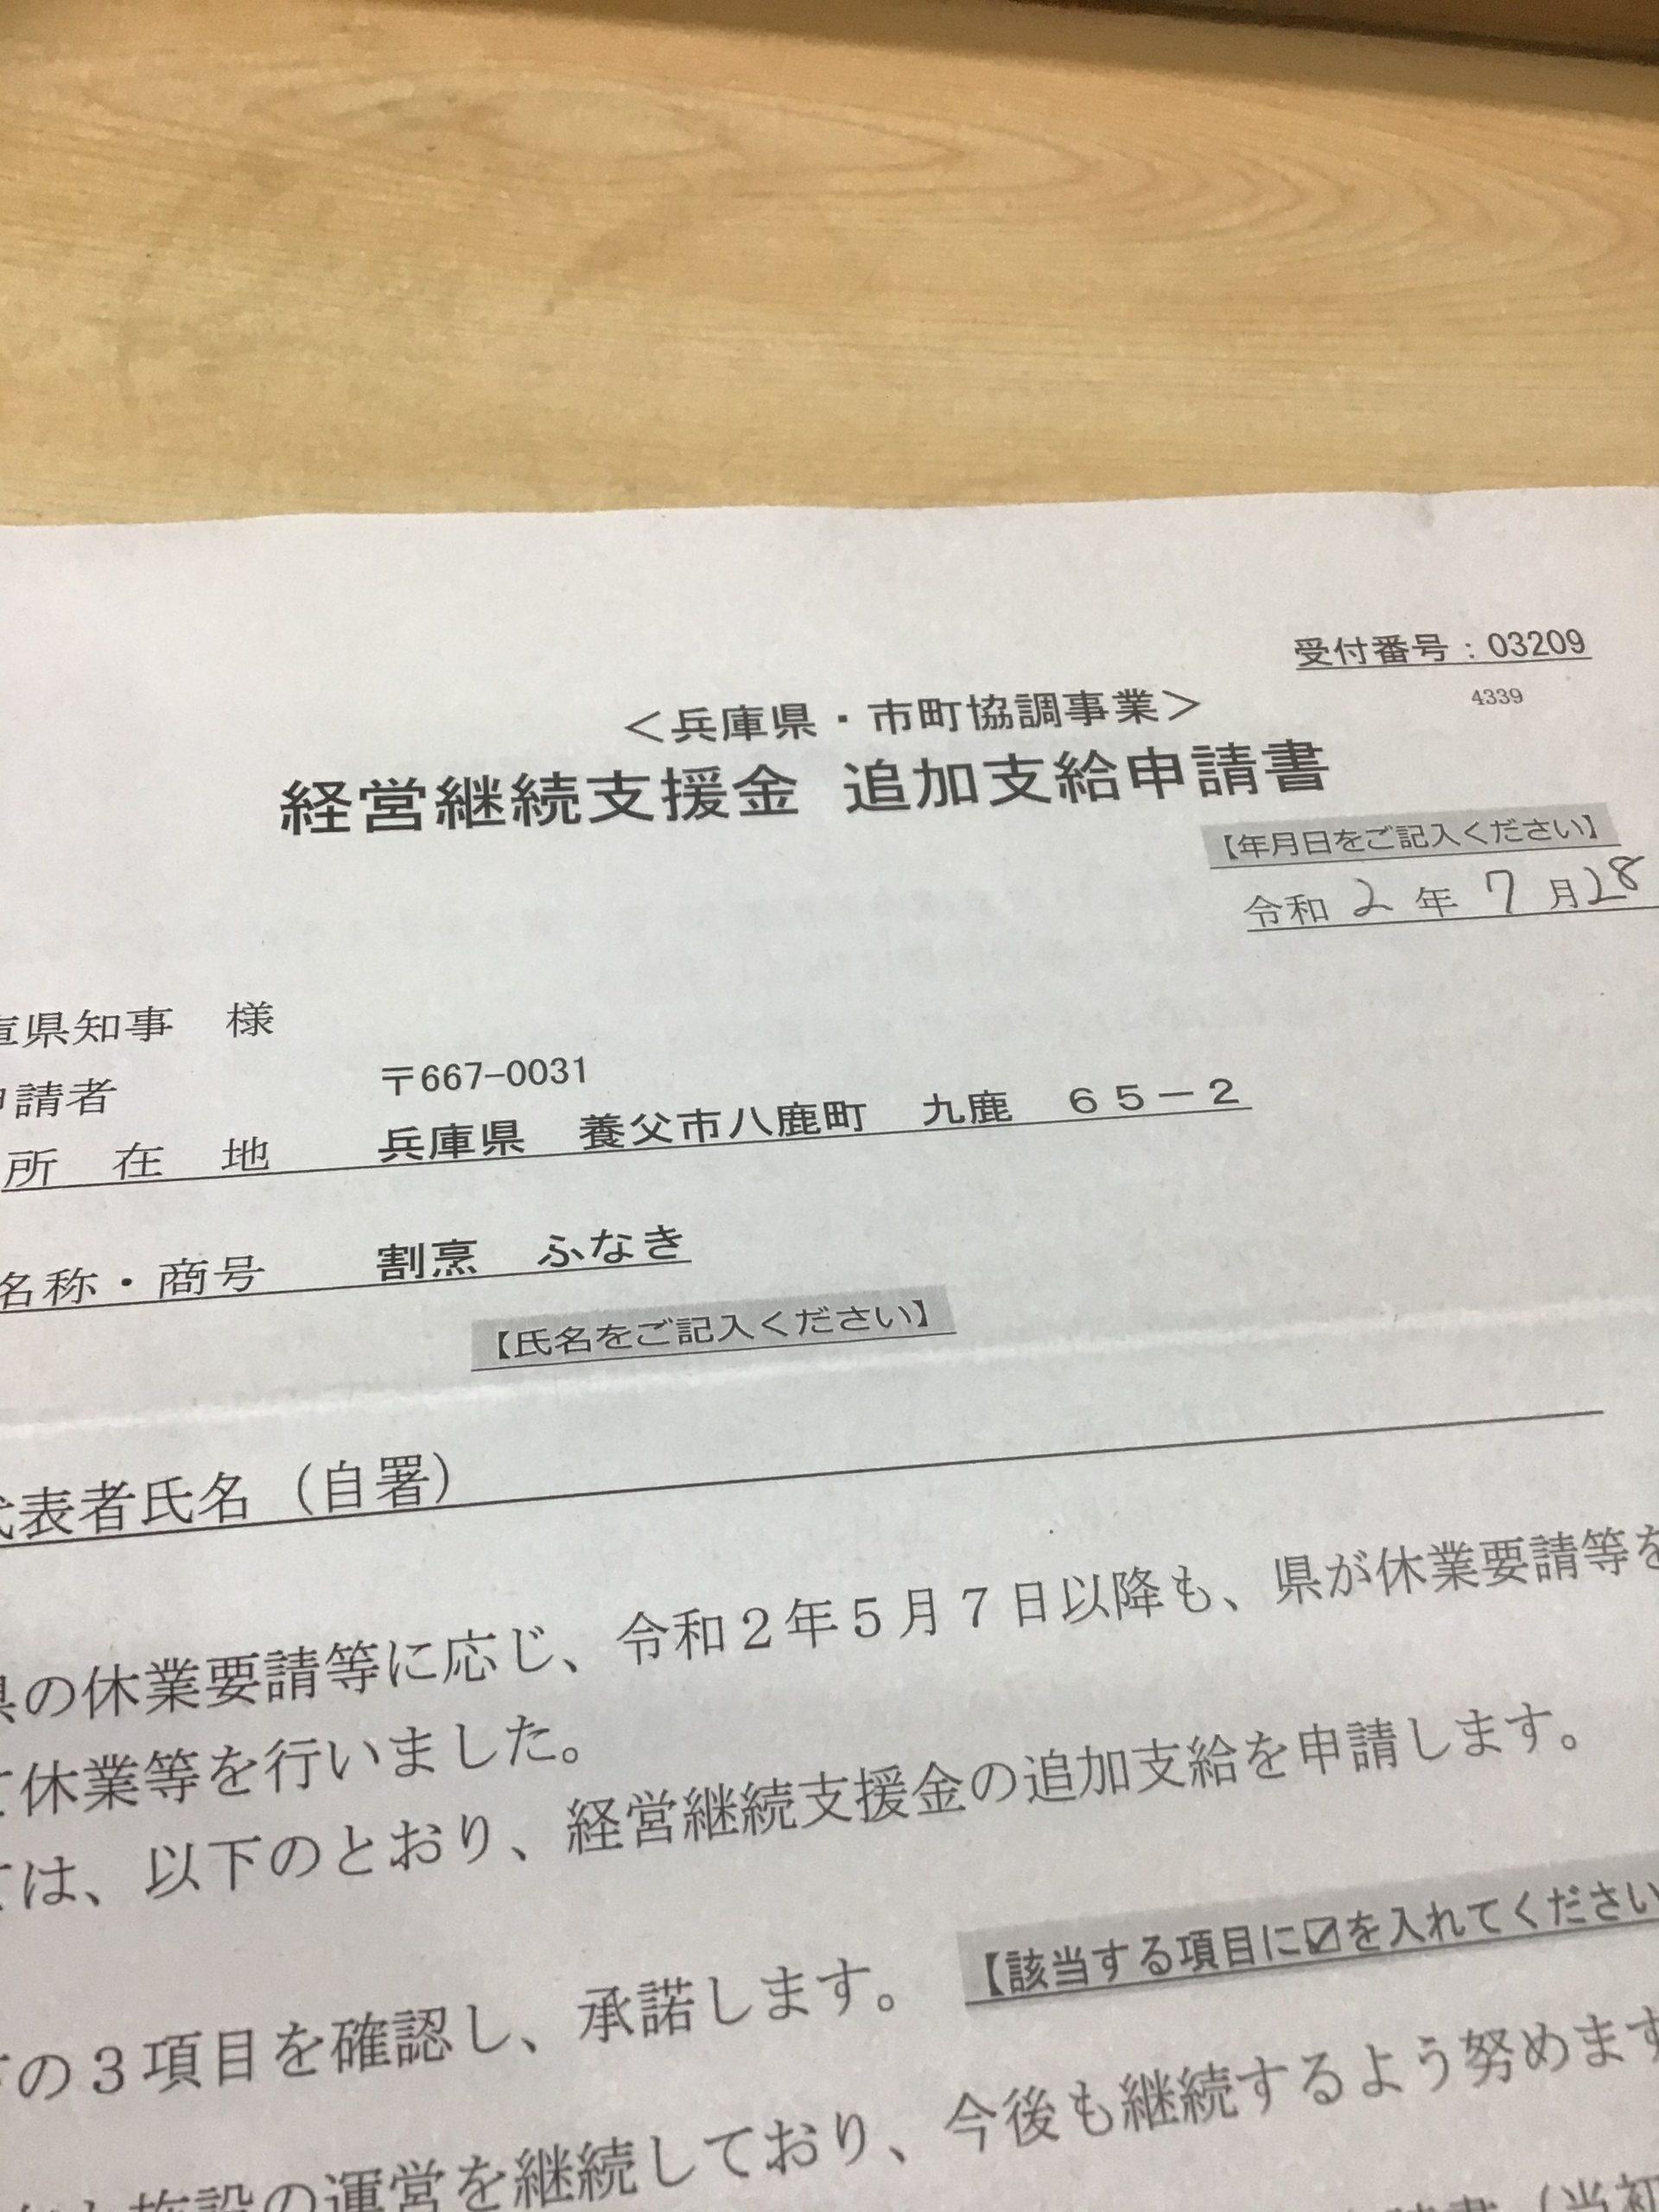 兵庫県経営継続支援金の追加支給申請書